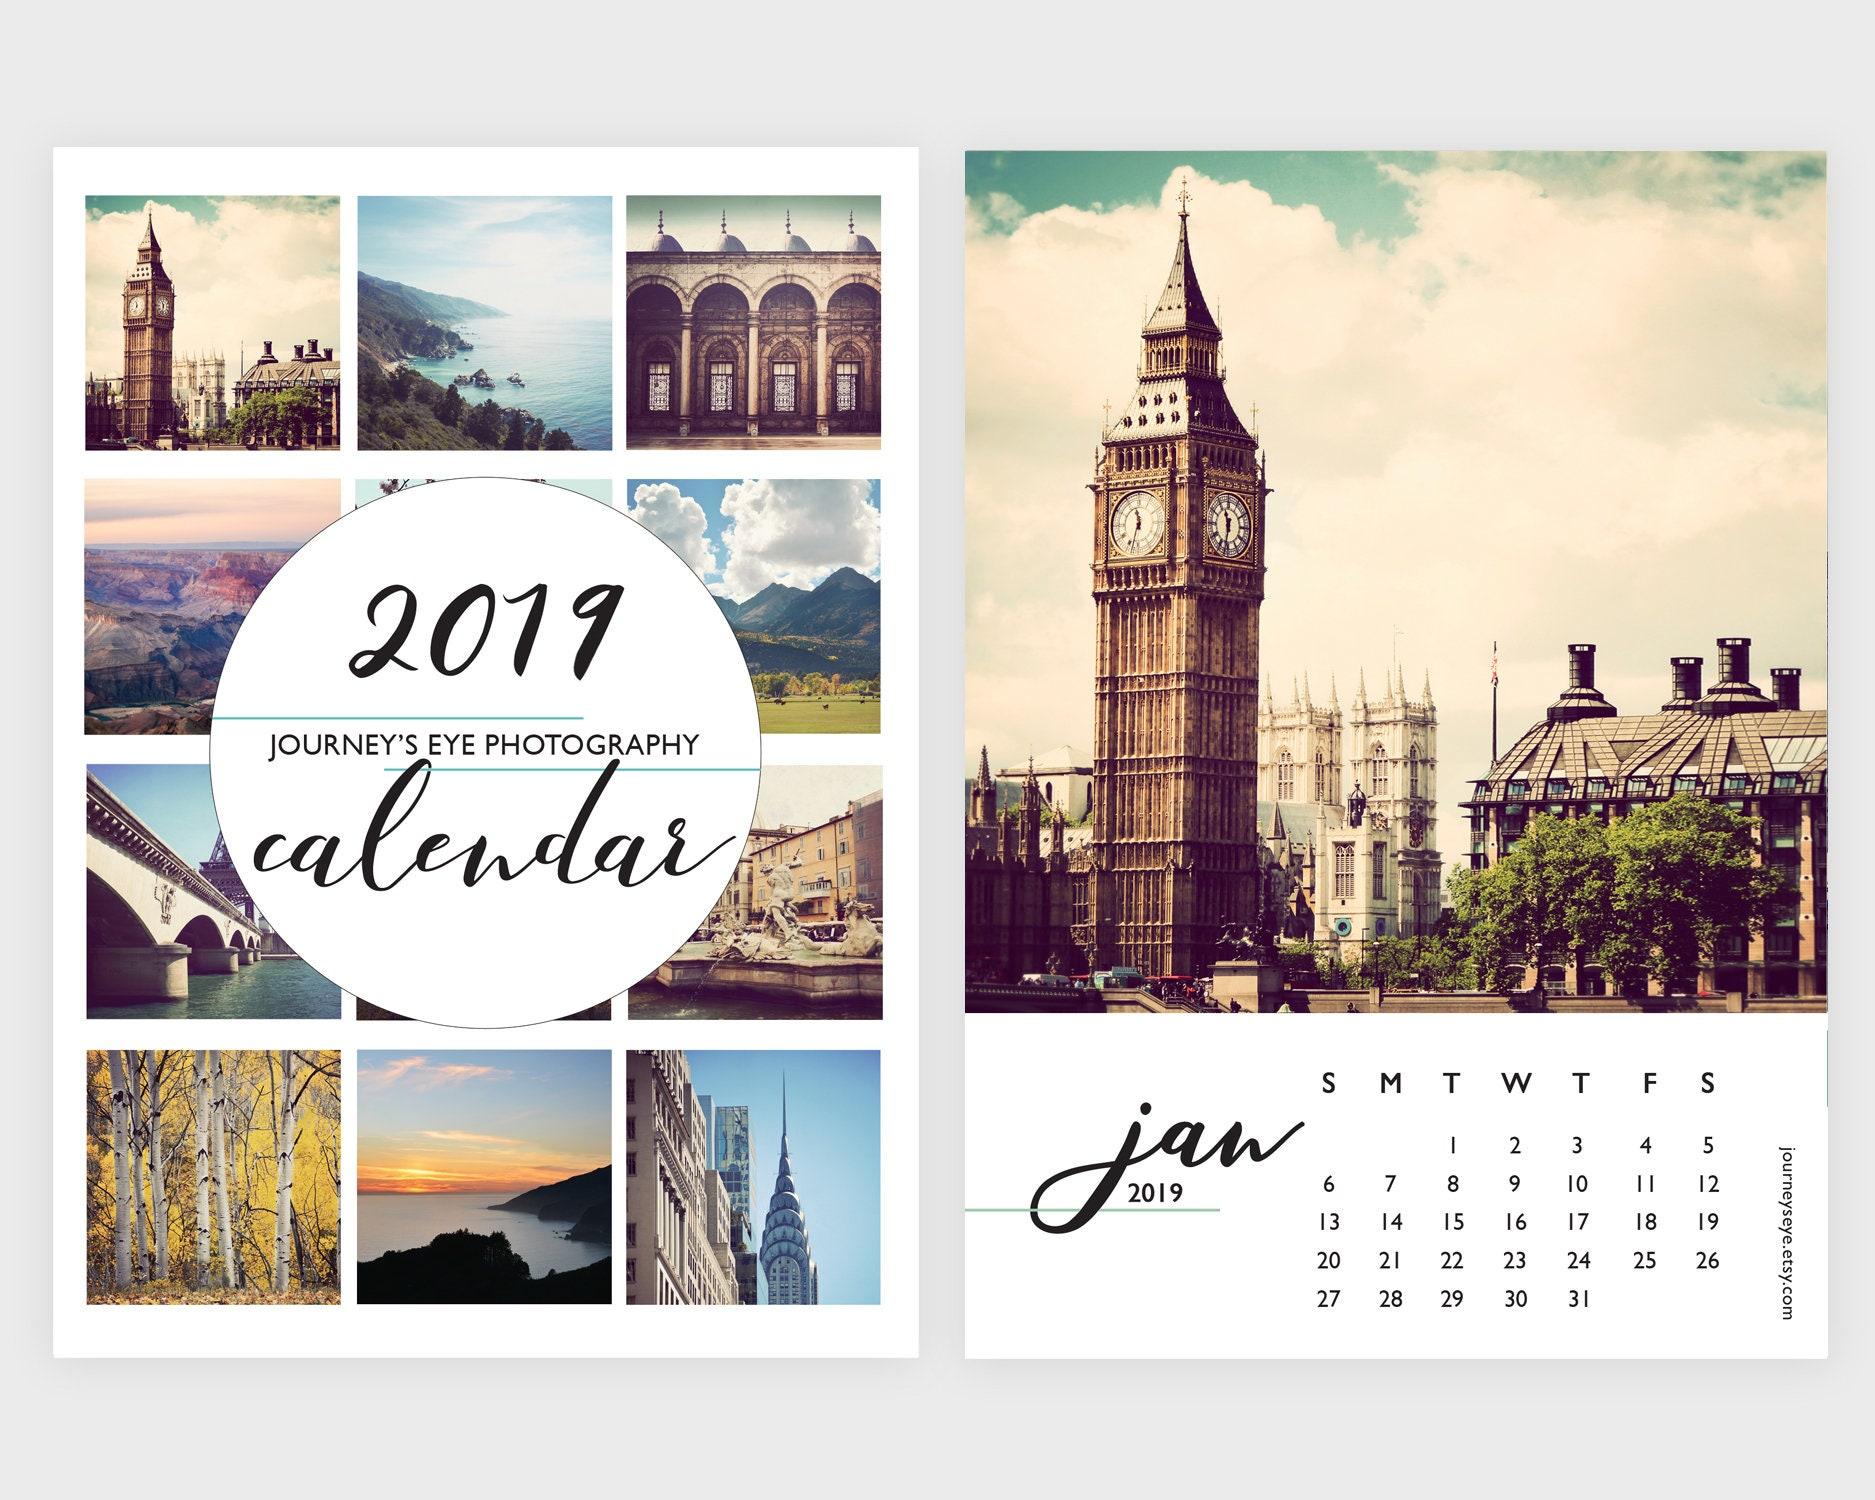 2019 kalender tischkalender foto kalender 5 x 7 kalender 4. Black Bedroom Furniture Sets. Home Design Ideas